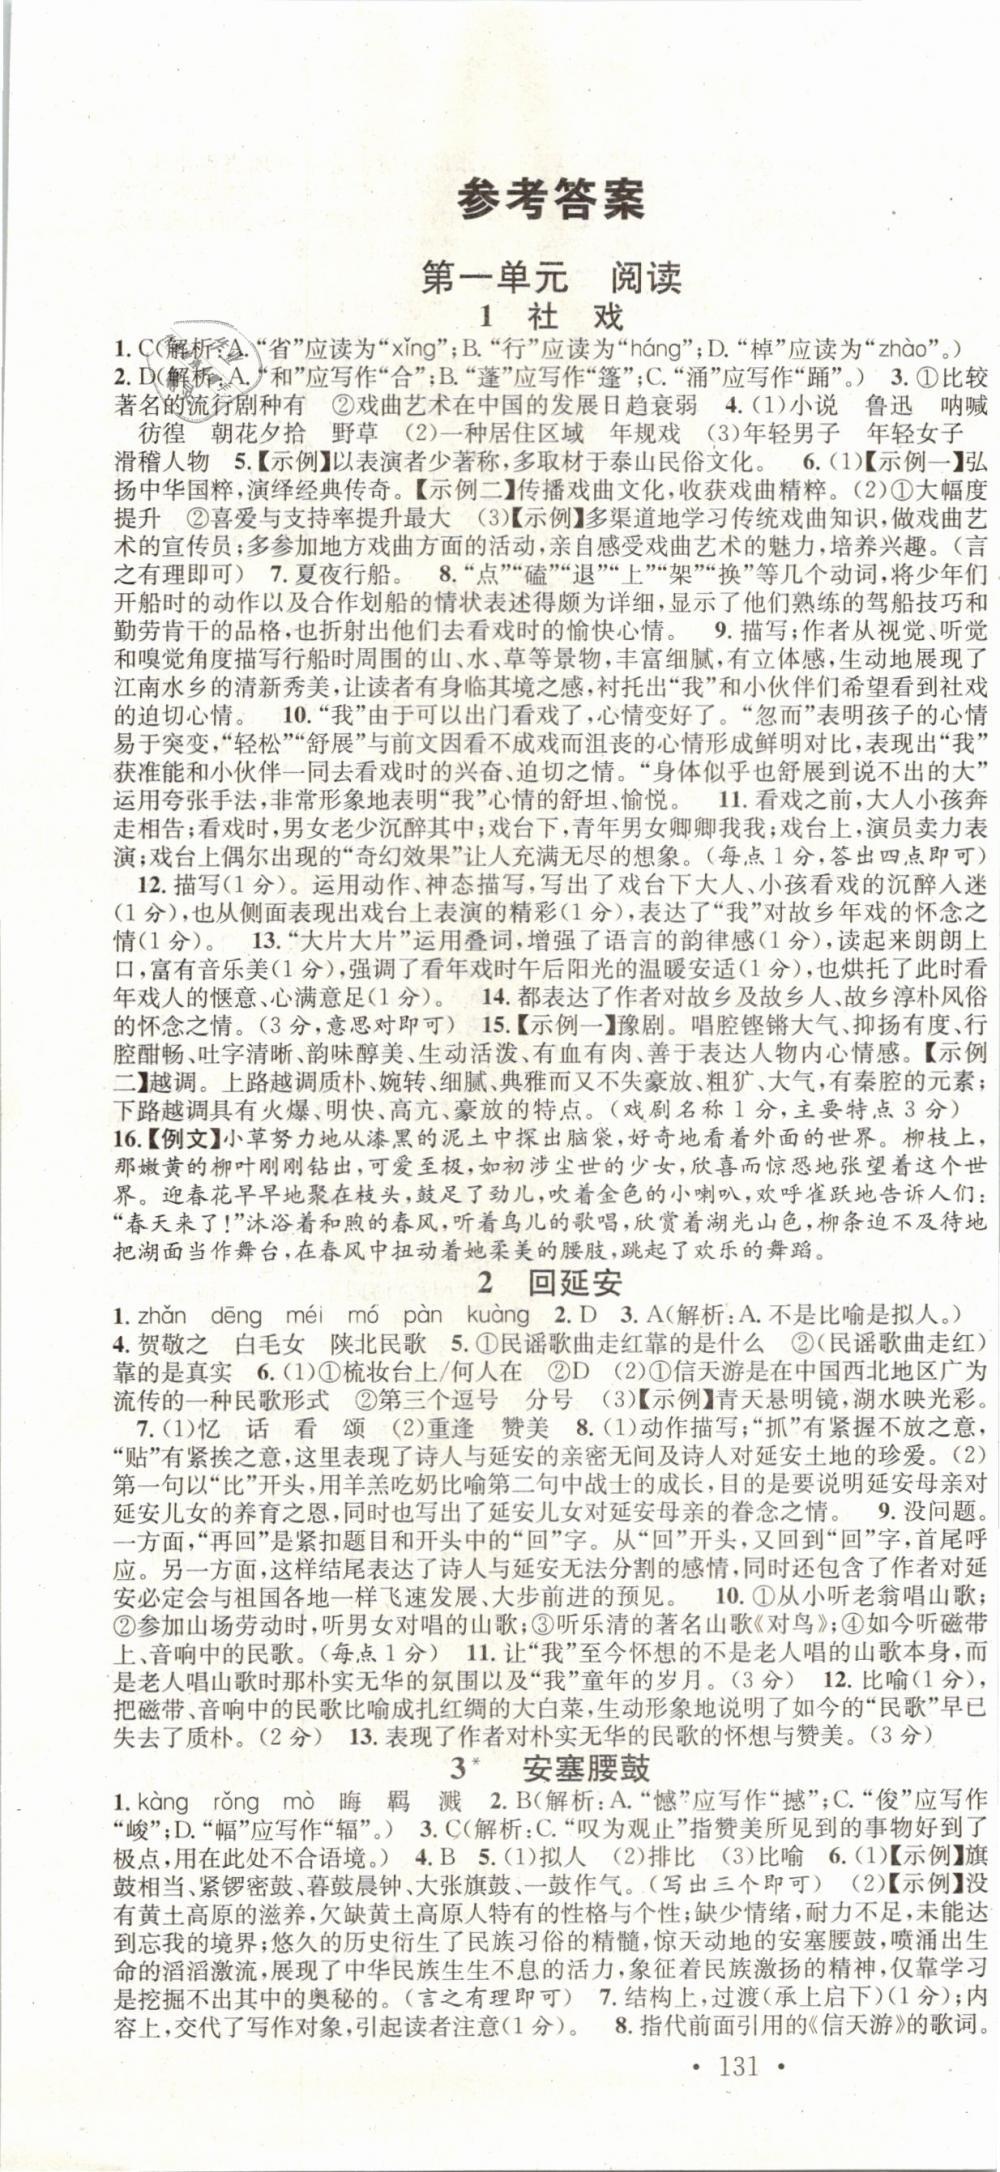 2019年名校课堂八年级语文下册人教版河南专版第1页